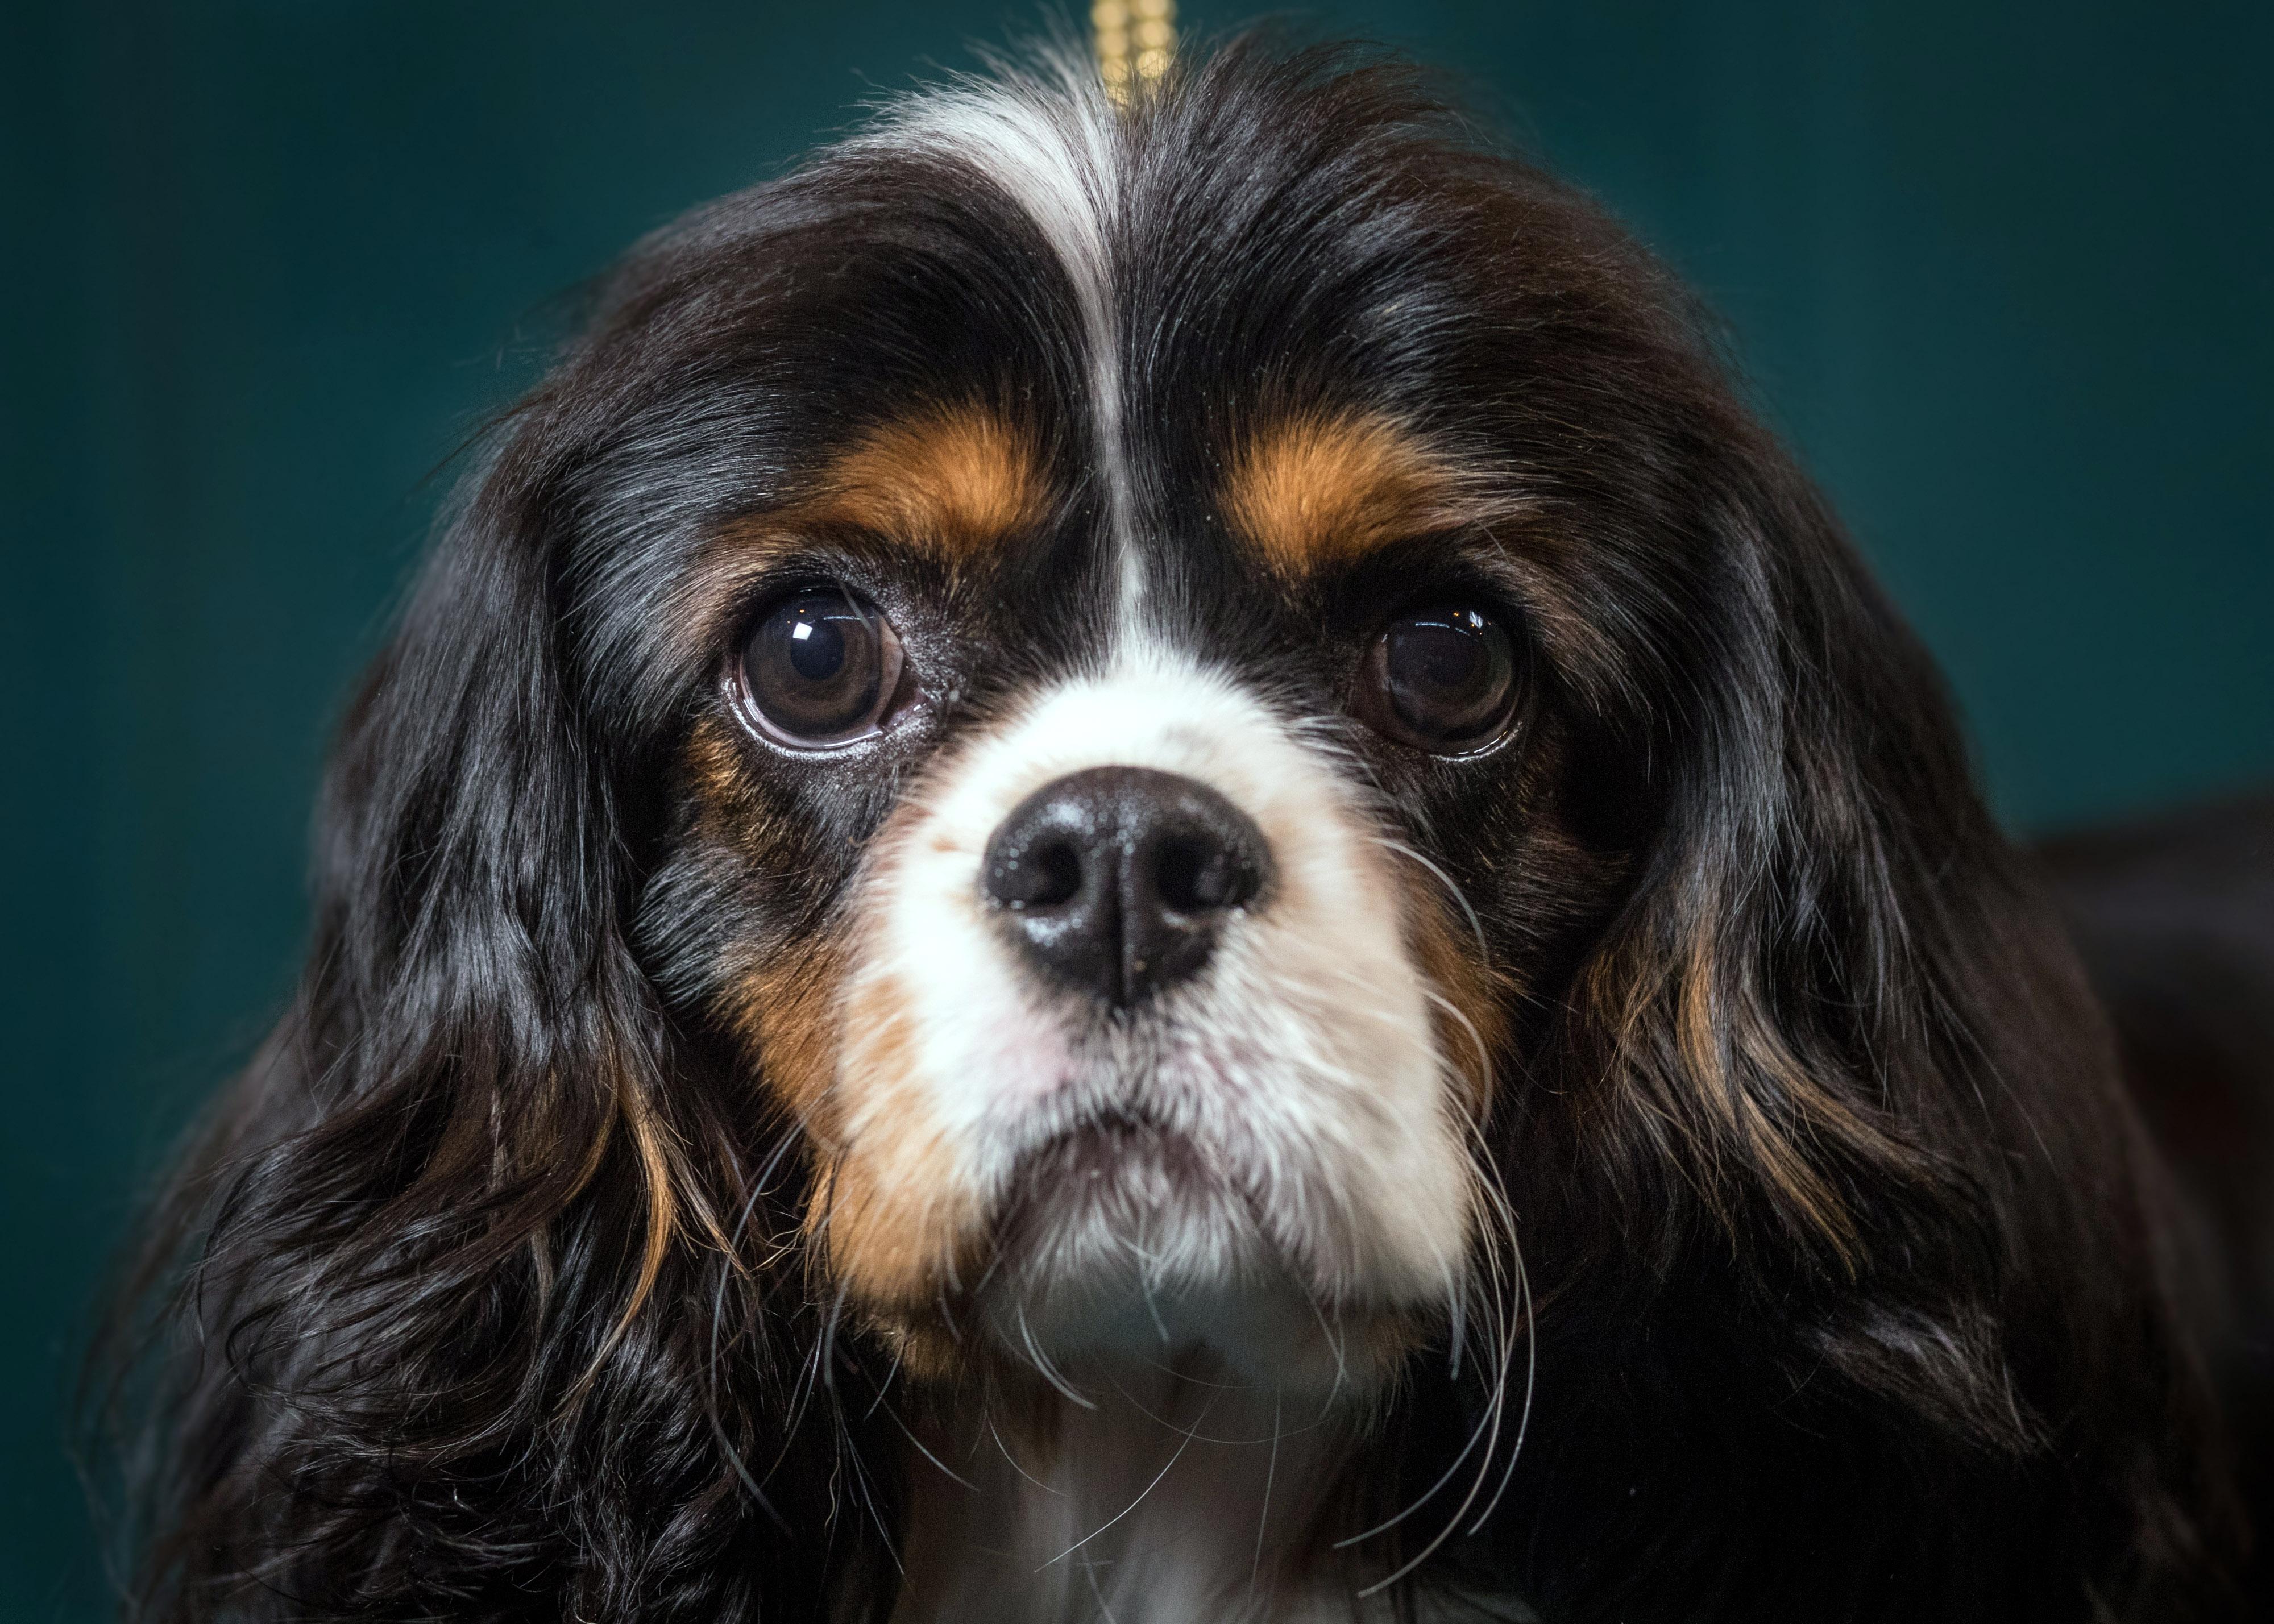 Un Cavalier King Charles Spaniel. La adorable raza está plagada de una condición genética del corazón que los científicos están tratando de revertir.